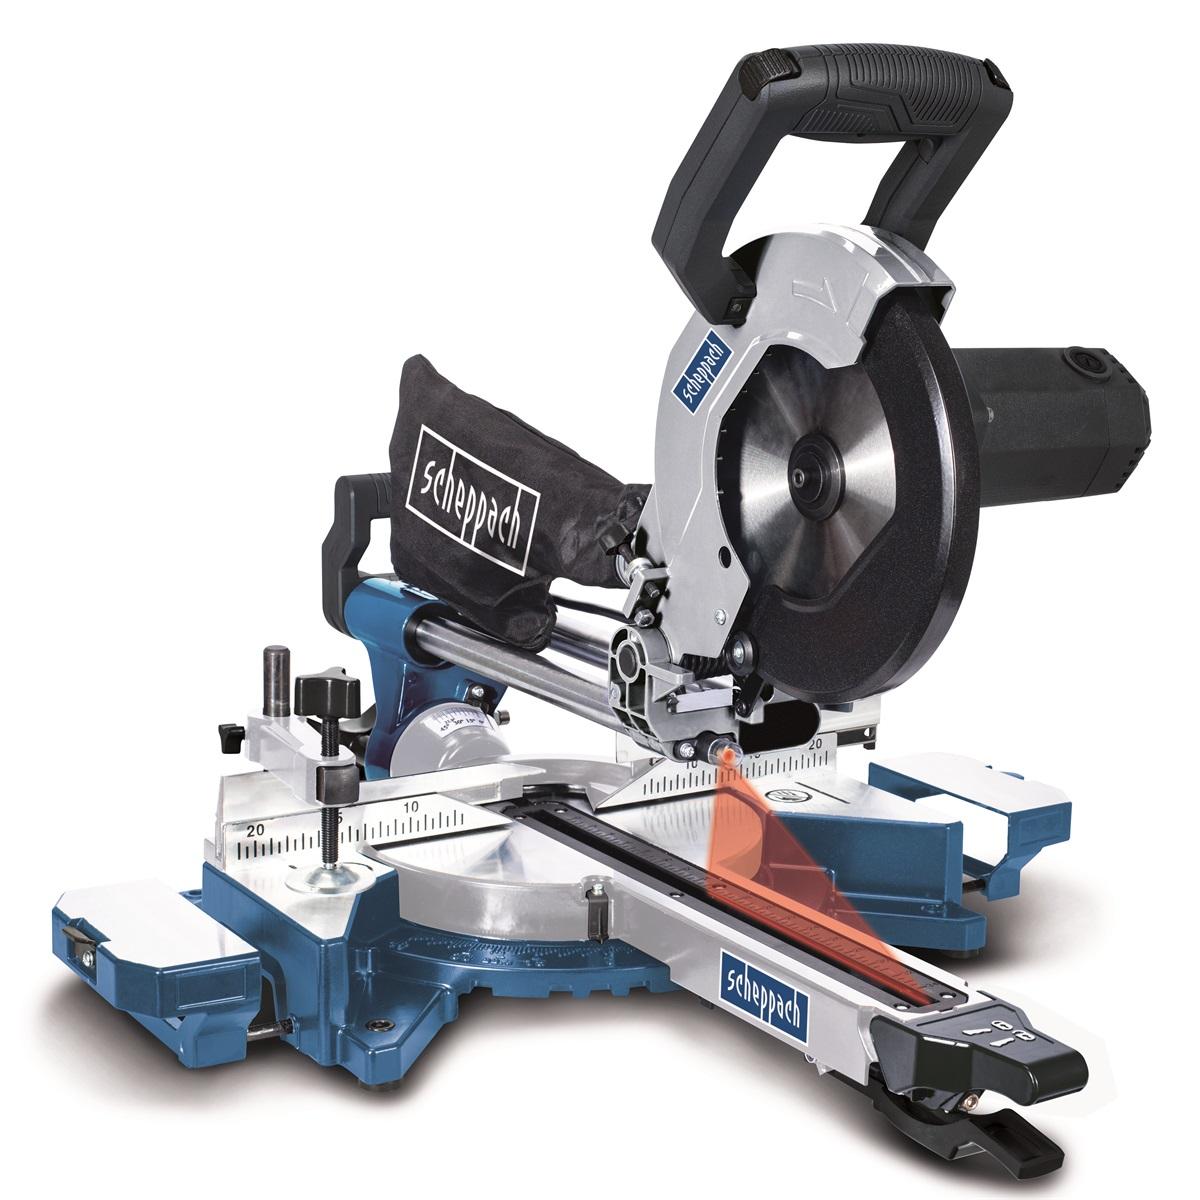 Scheppach HM 90 MP, dvourychlostní multifunkční pokosová pila s potahem, laserem a LED osvětlením